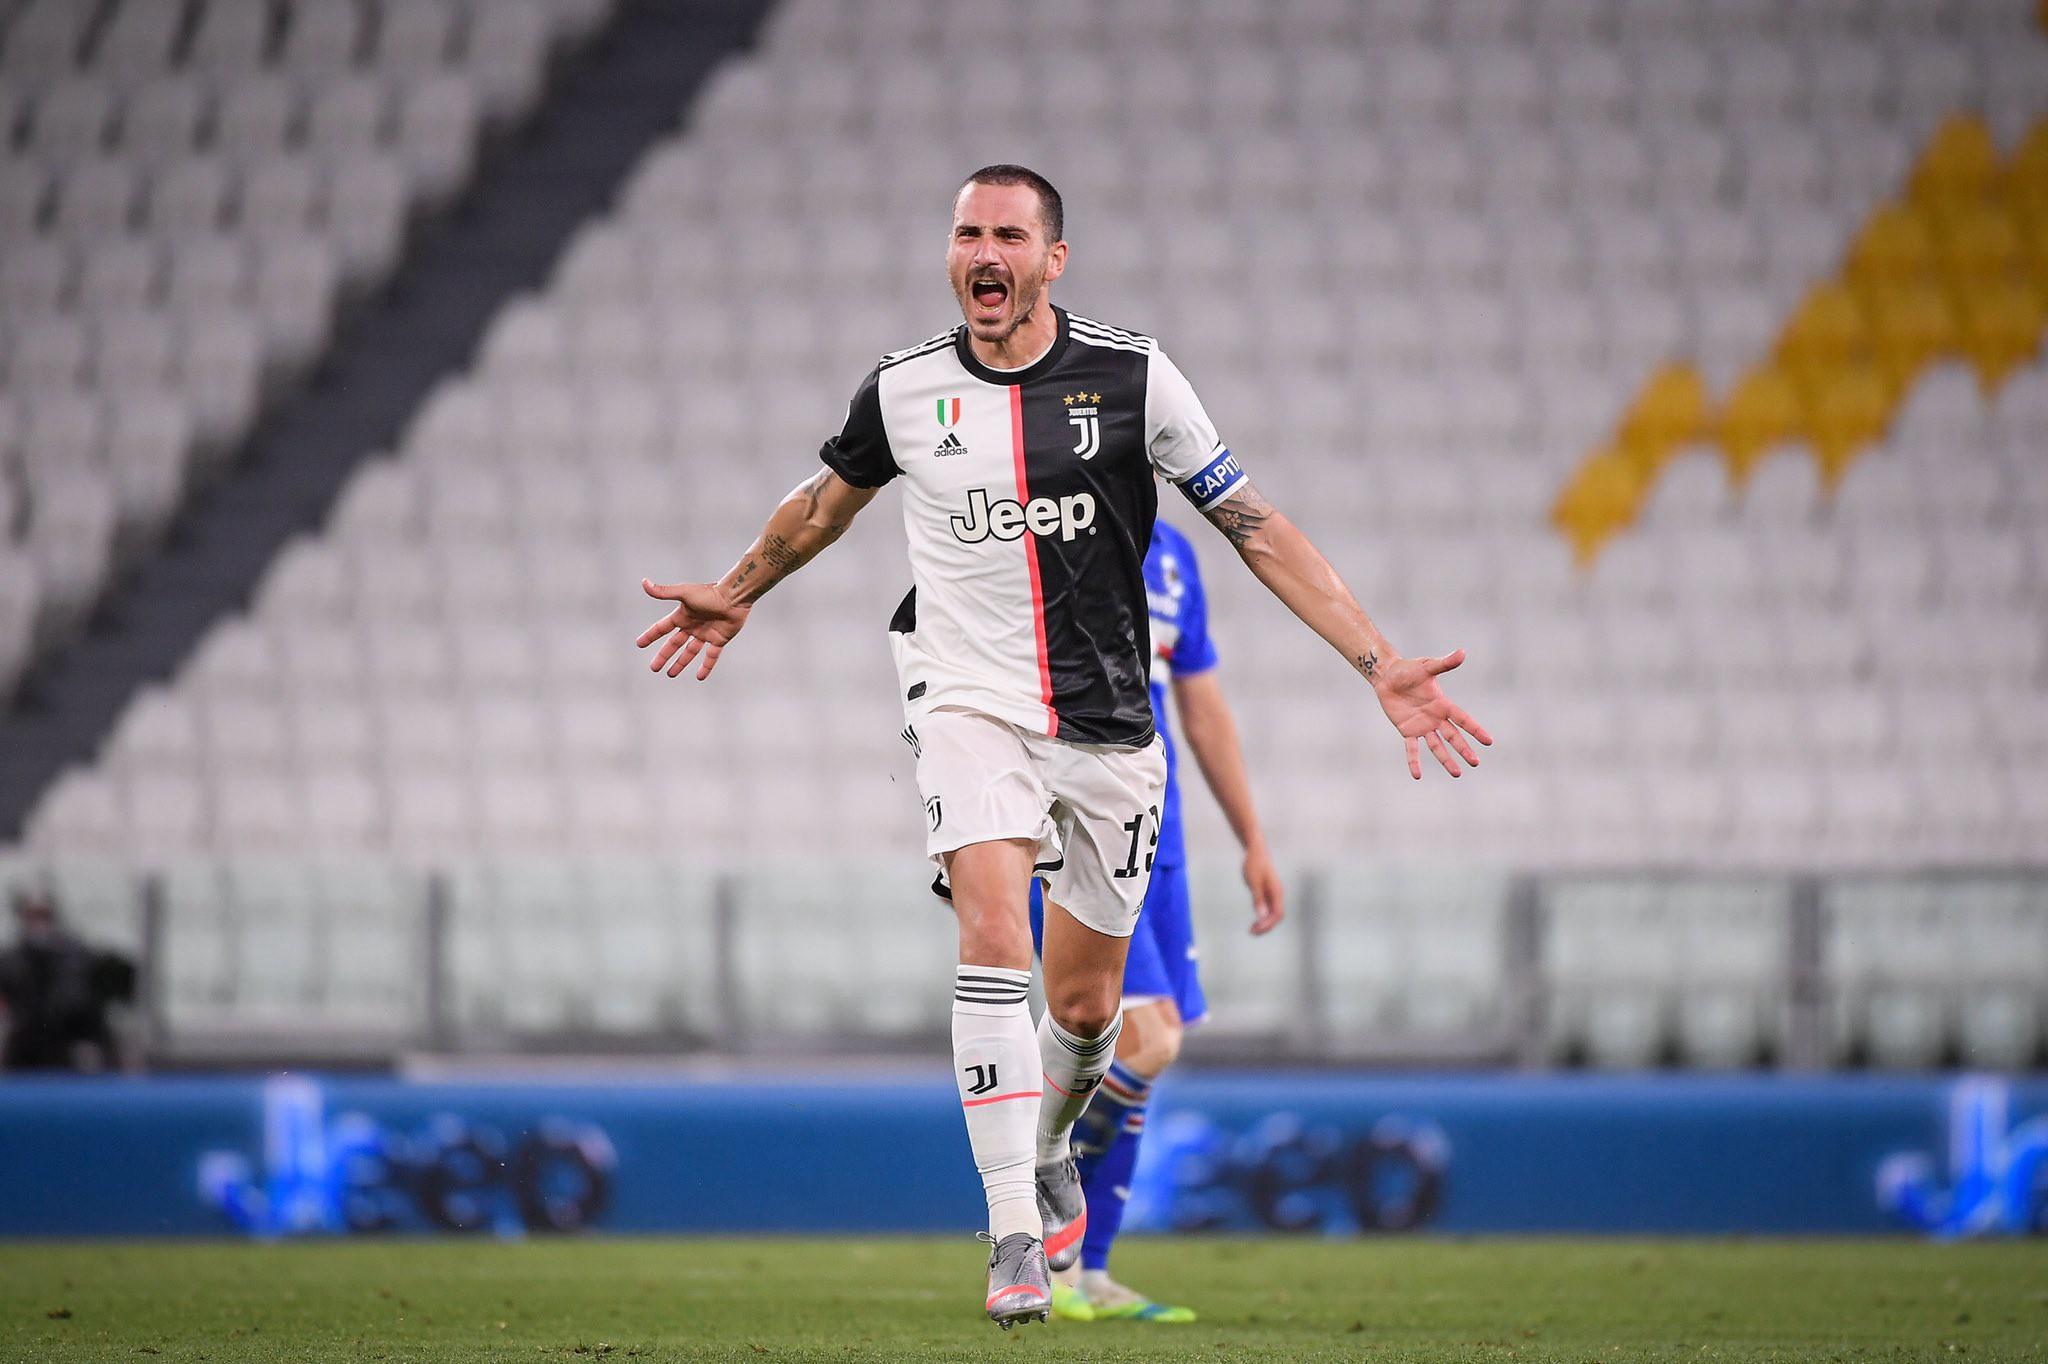 Juventus, le parole di Bonucci dopo il derby scuotono l'ambiente |  Sport e Vai